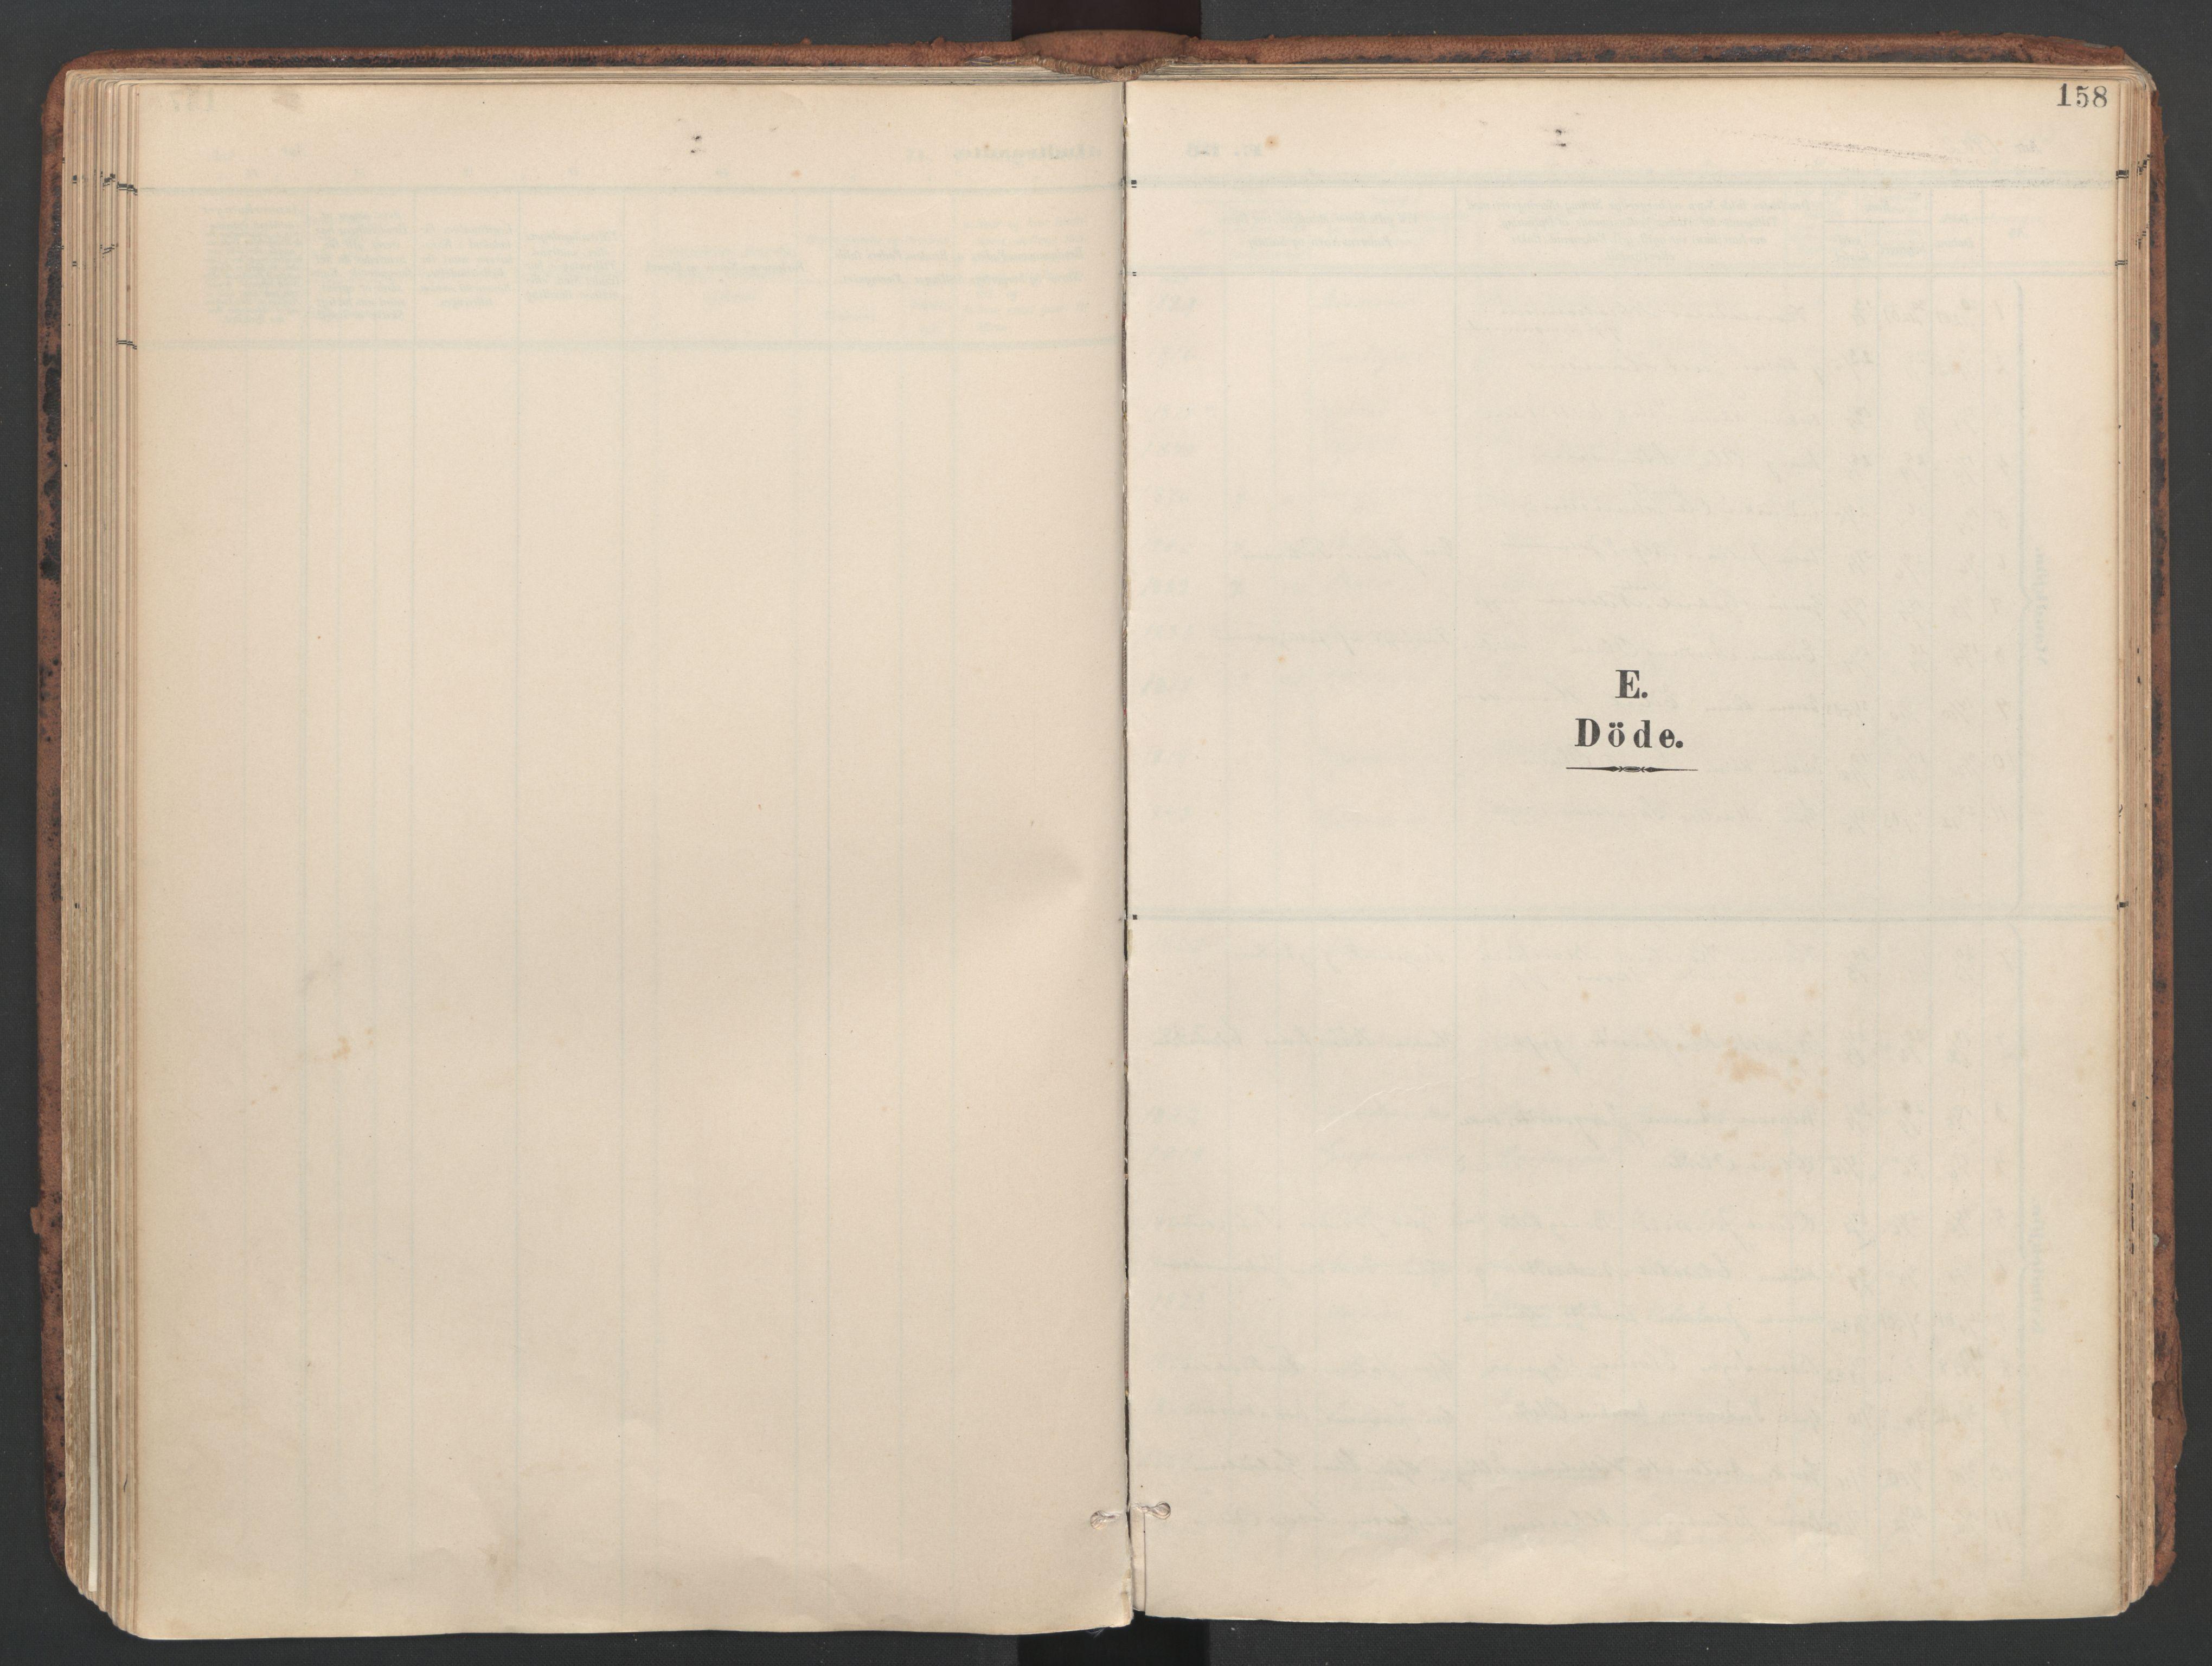 SAT, Ministerialprotokoller, klokkerbøker og fødselsregistre - Sør-Trøndelag, 634/L0537: Ministerialbok nr. 634A13, 1896-1922, s. 158